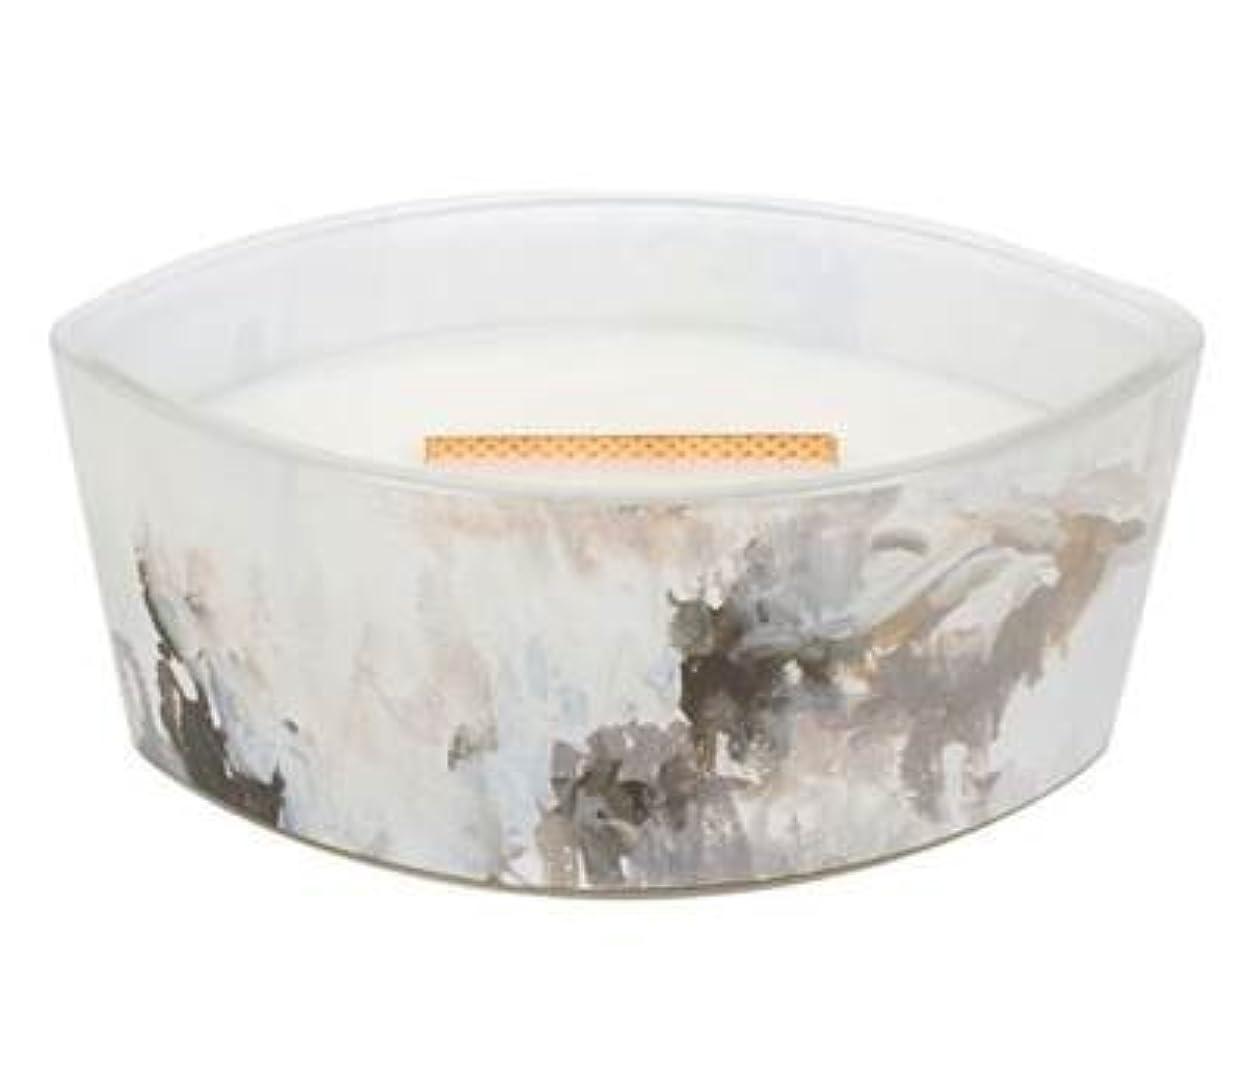 ミキサー対抗既婚Honey Tabac?–?アーティザンコレクション楕円WoodWick香りつきJar Candle